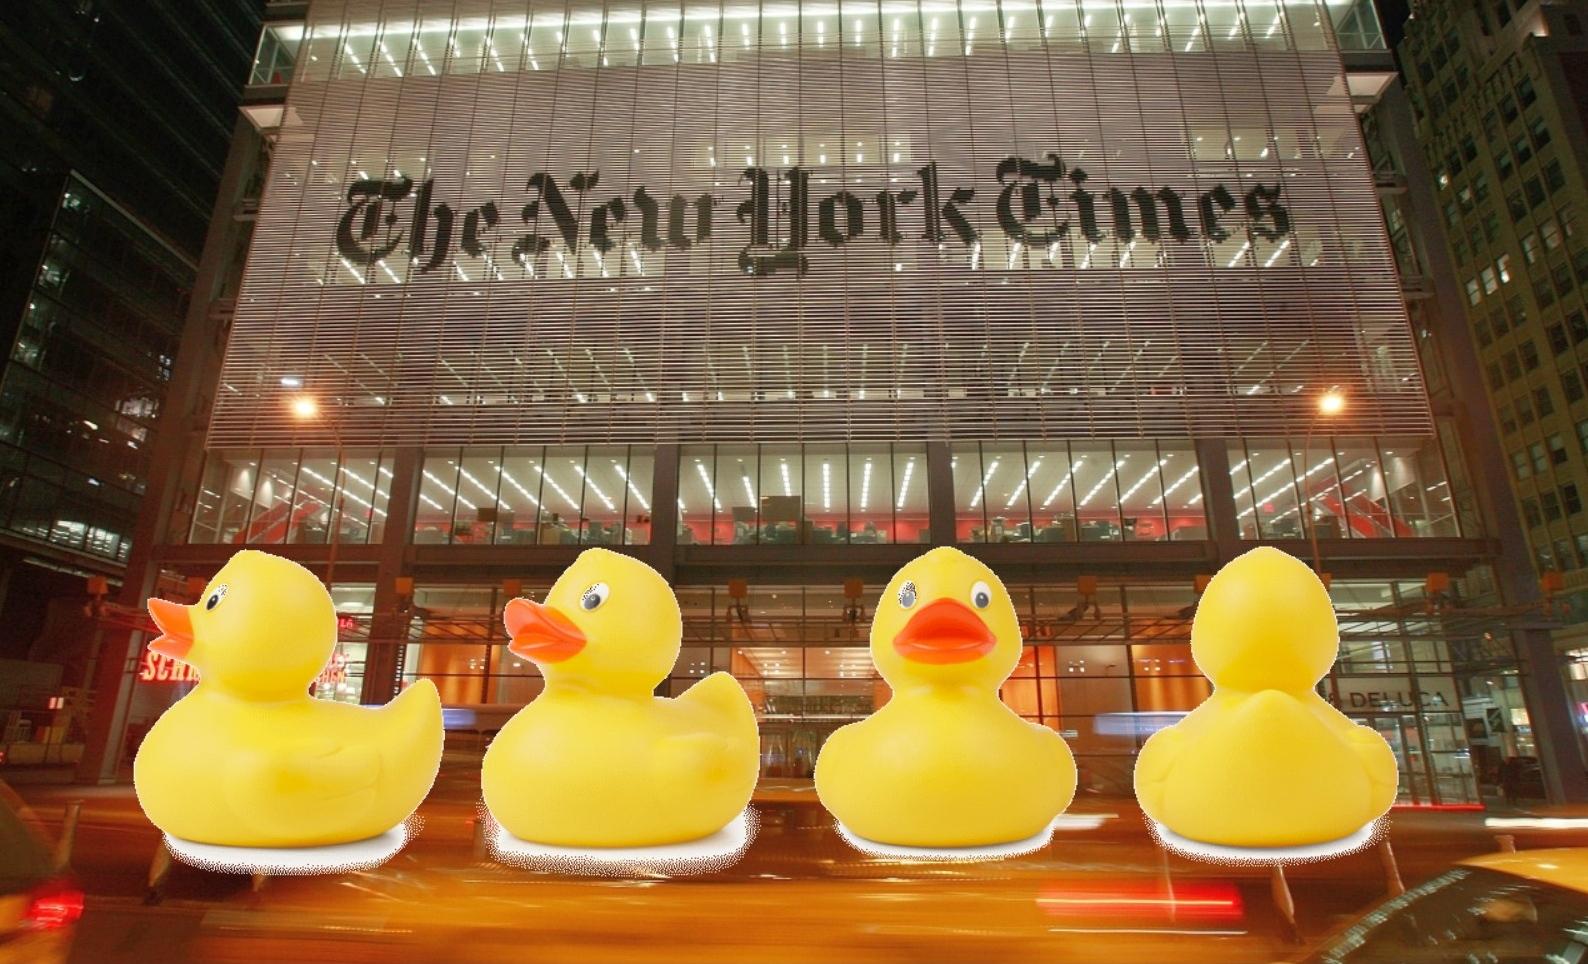 New York Times bei der Verbreitung von Fake News erwischt – Wie wird man eine Ente wieder los?